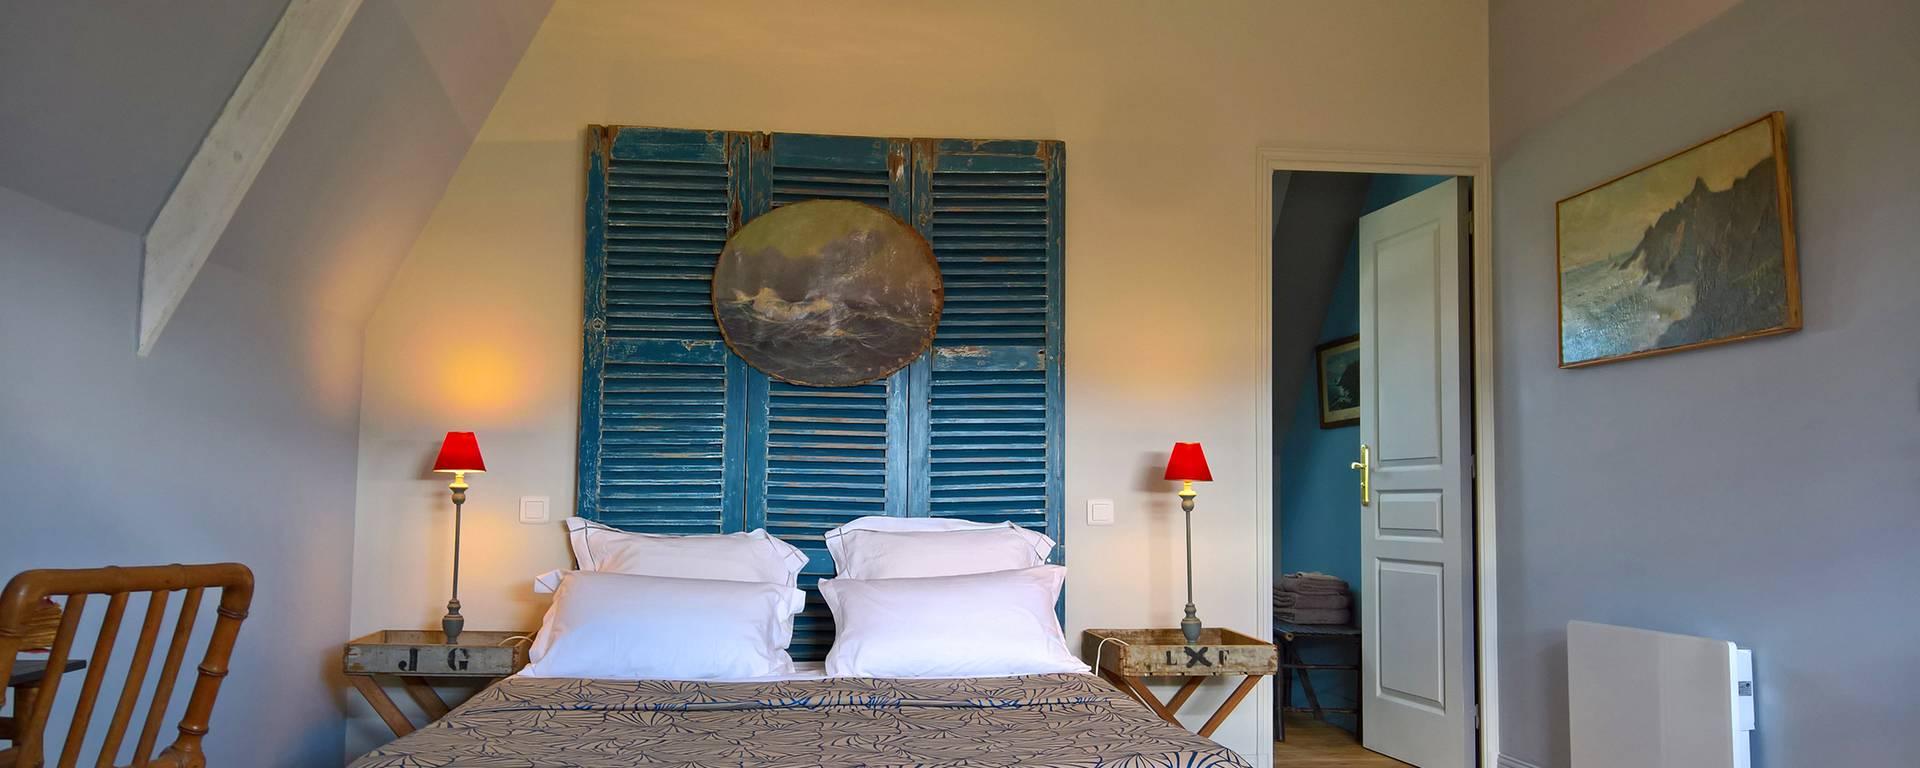 Chambres d'hôtes La Villa Bleue à Plozévet